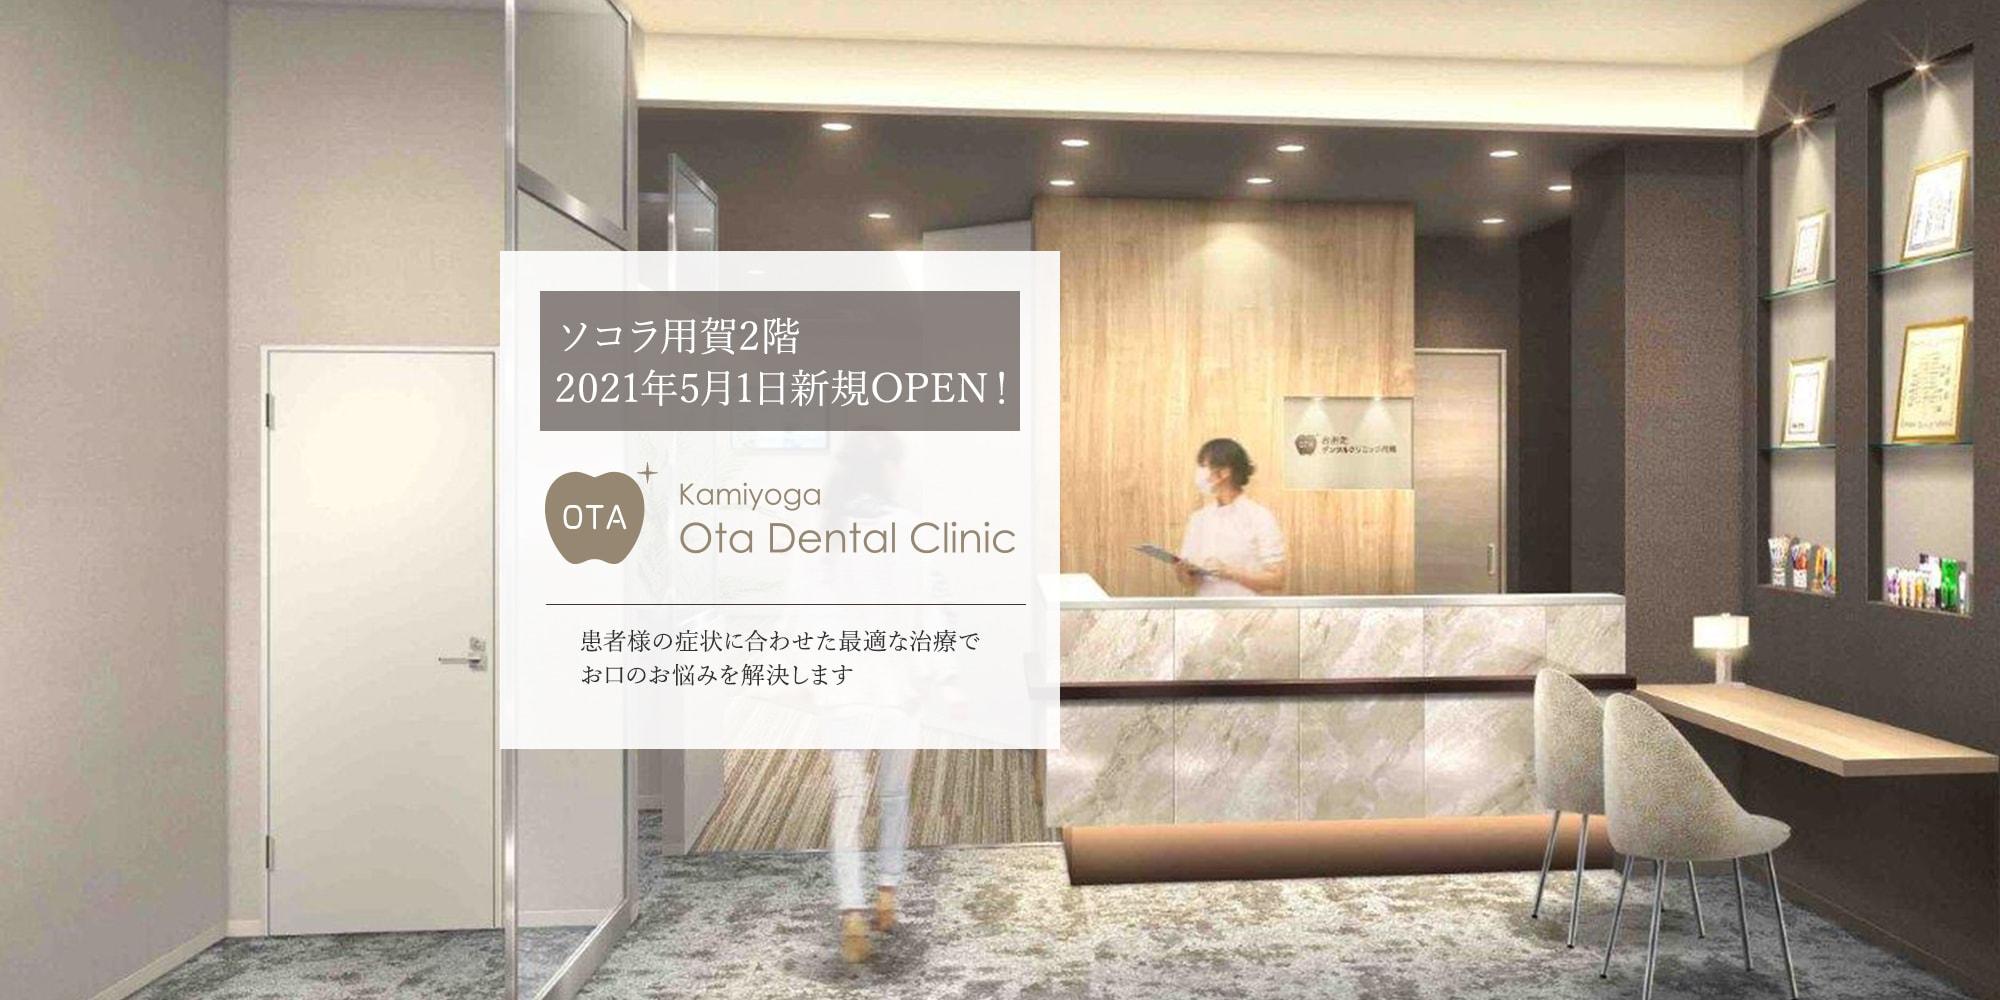 ソコラ用賀2階 2021年5月新規OPEN! 内覧会開催! お気軽にご見学・ご相談できます。 患者様の症状に合わせた最適な治療でお口のお悩みを解決します